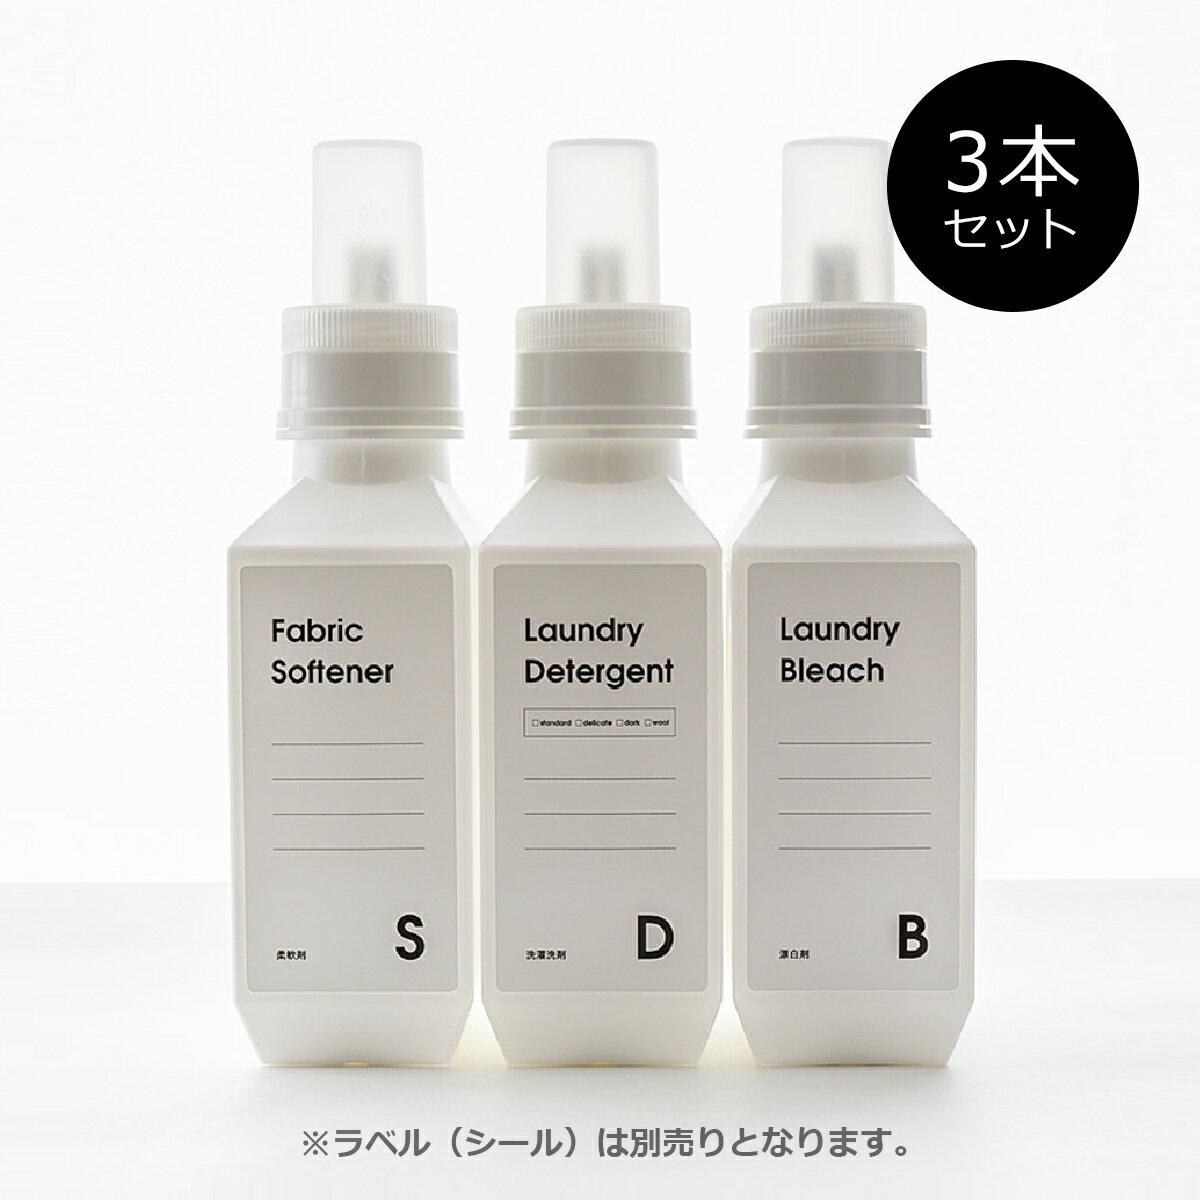 洗濯洗剤の詰め替えボトル [セット販売●b2c ランドリーボトル-M 700ml【3本入り】] サラサデザインストア